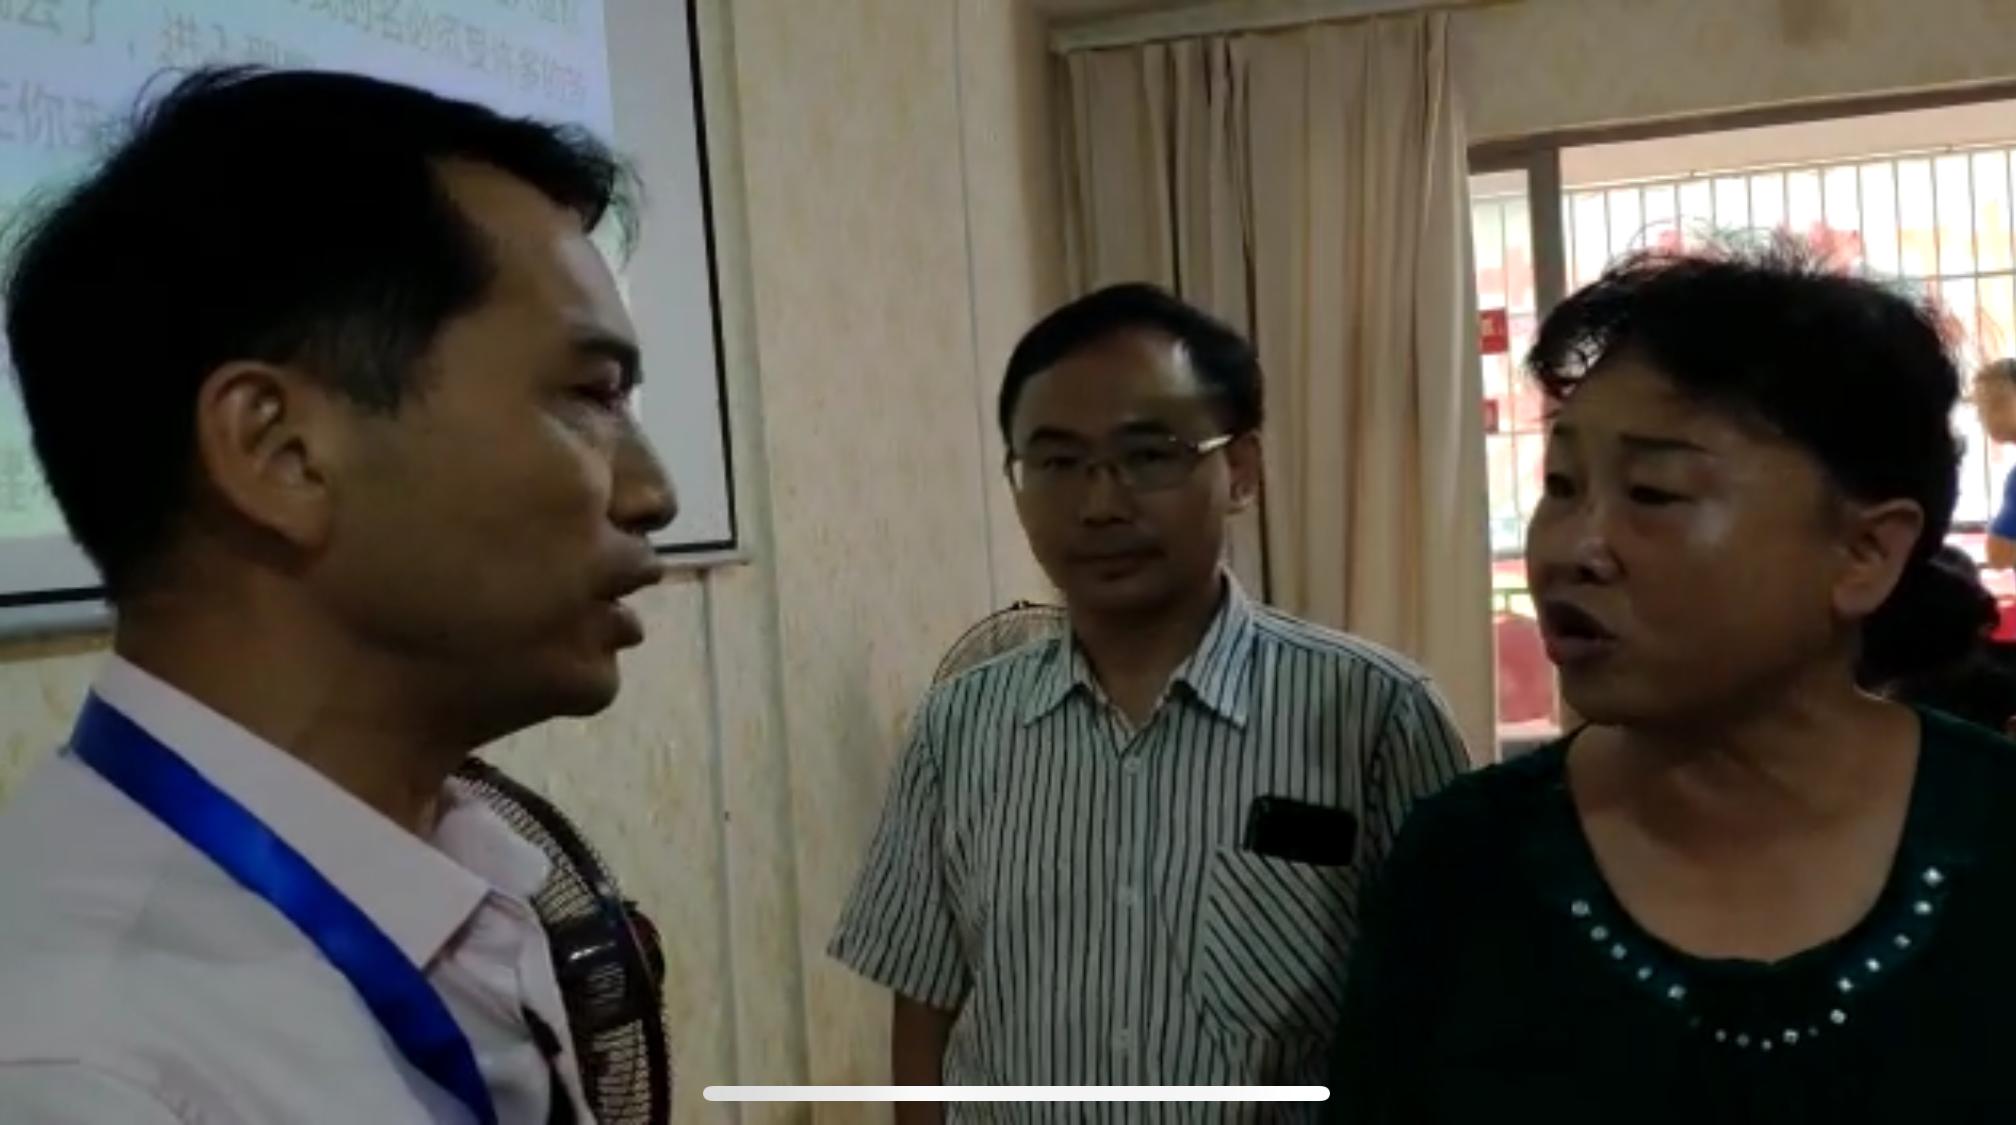 南明区宗教局局长(左)与信徒(右)交涉,中间为苏天富牧师。(志愿者提供/记者乔龙)